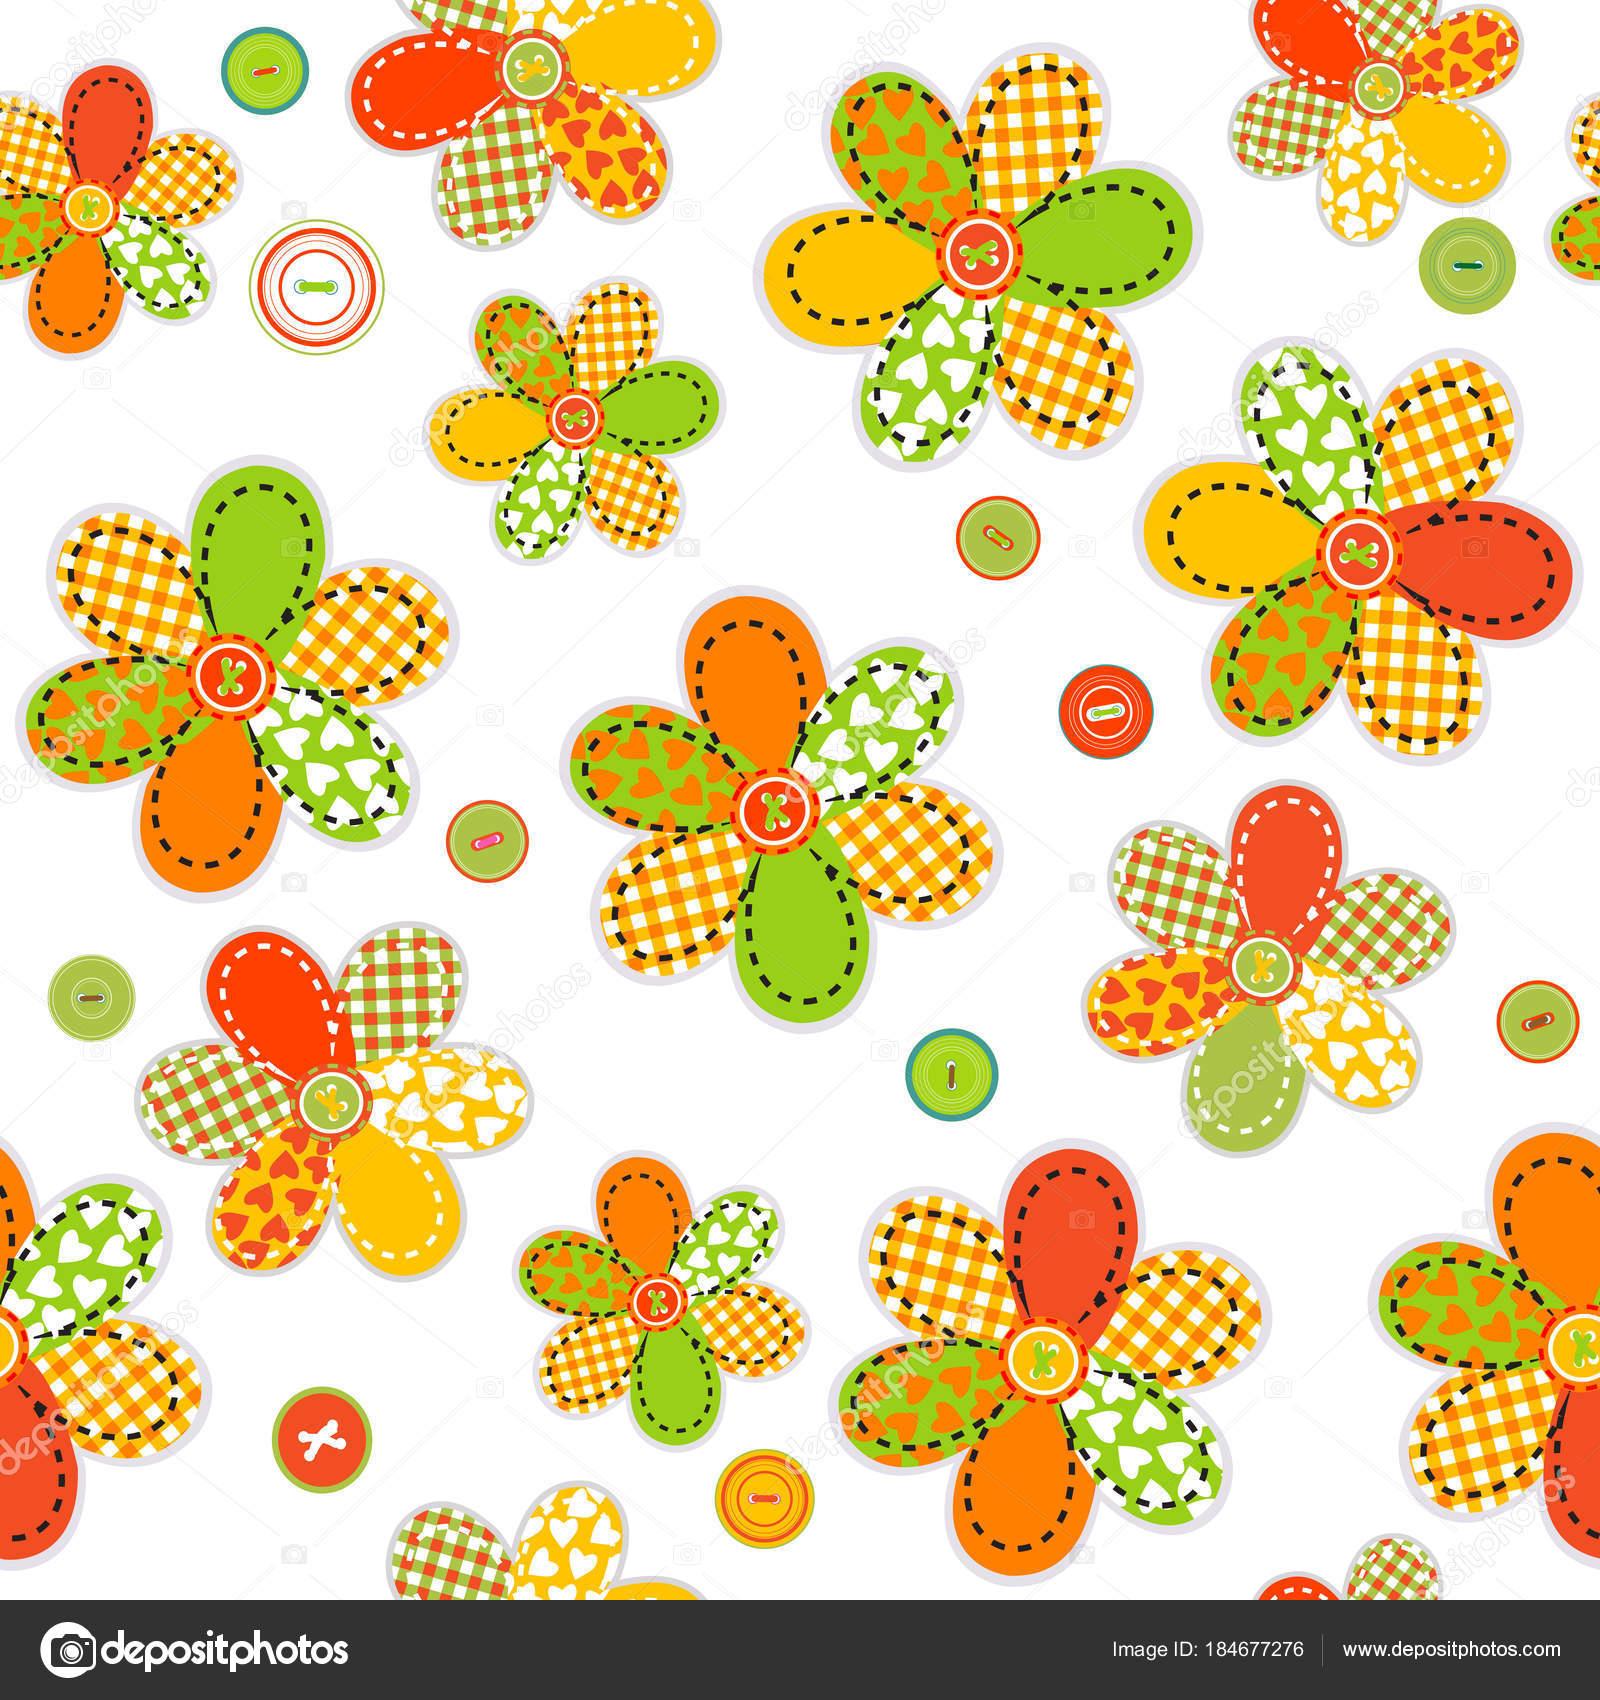 Nahtlose Muster mit Blumen aus Nähen Patches und Tasten ...